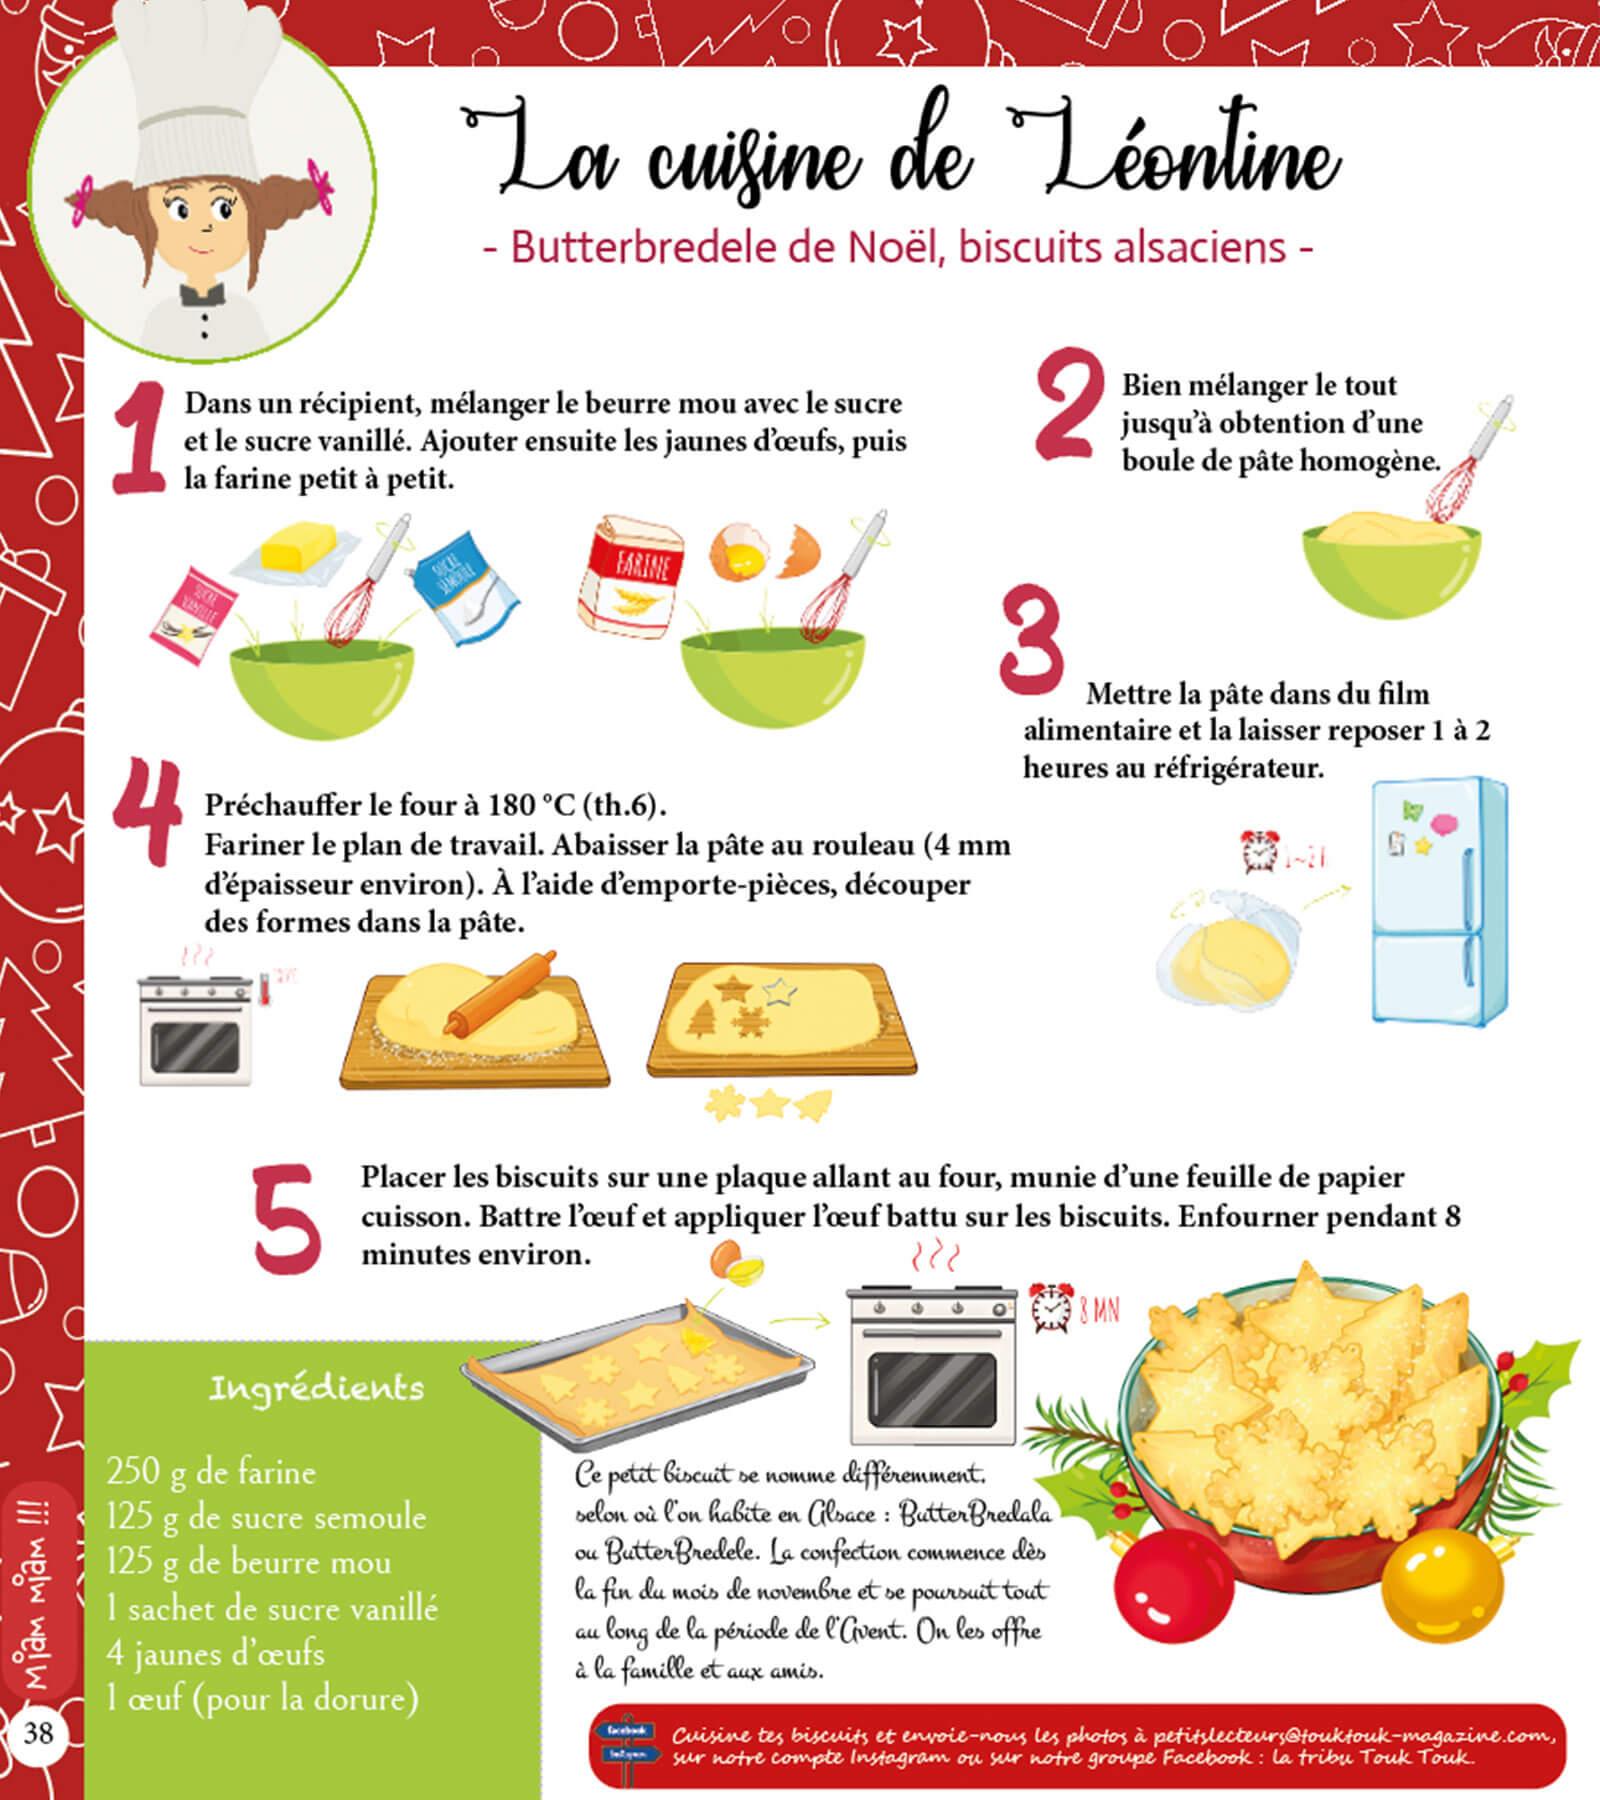 La cuisine de Léontine